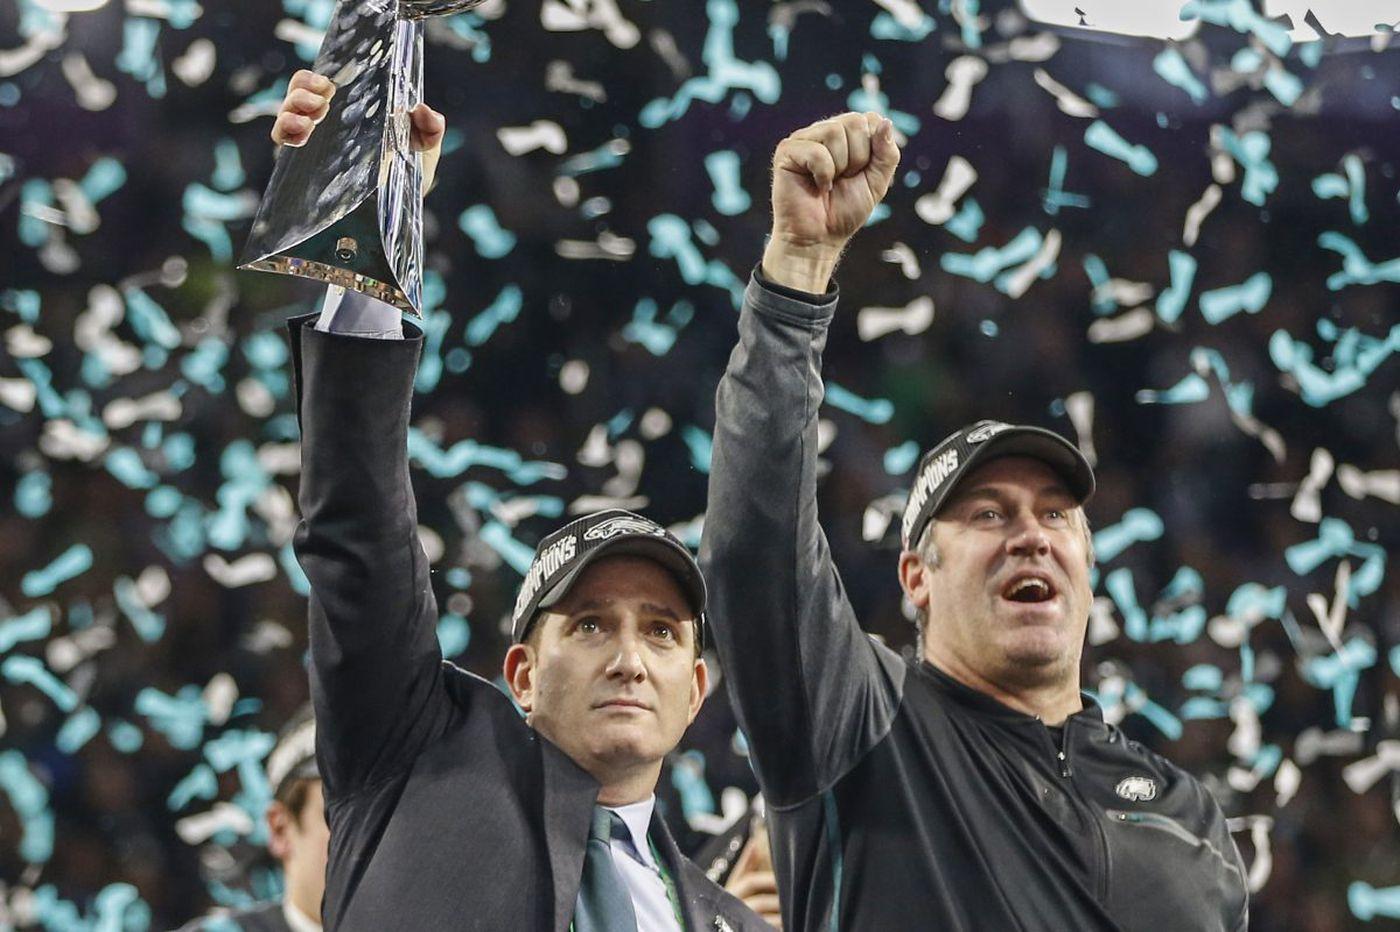 'Wheel of Fortune' celebrates Eagles Super Bowl win